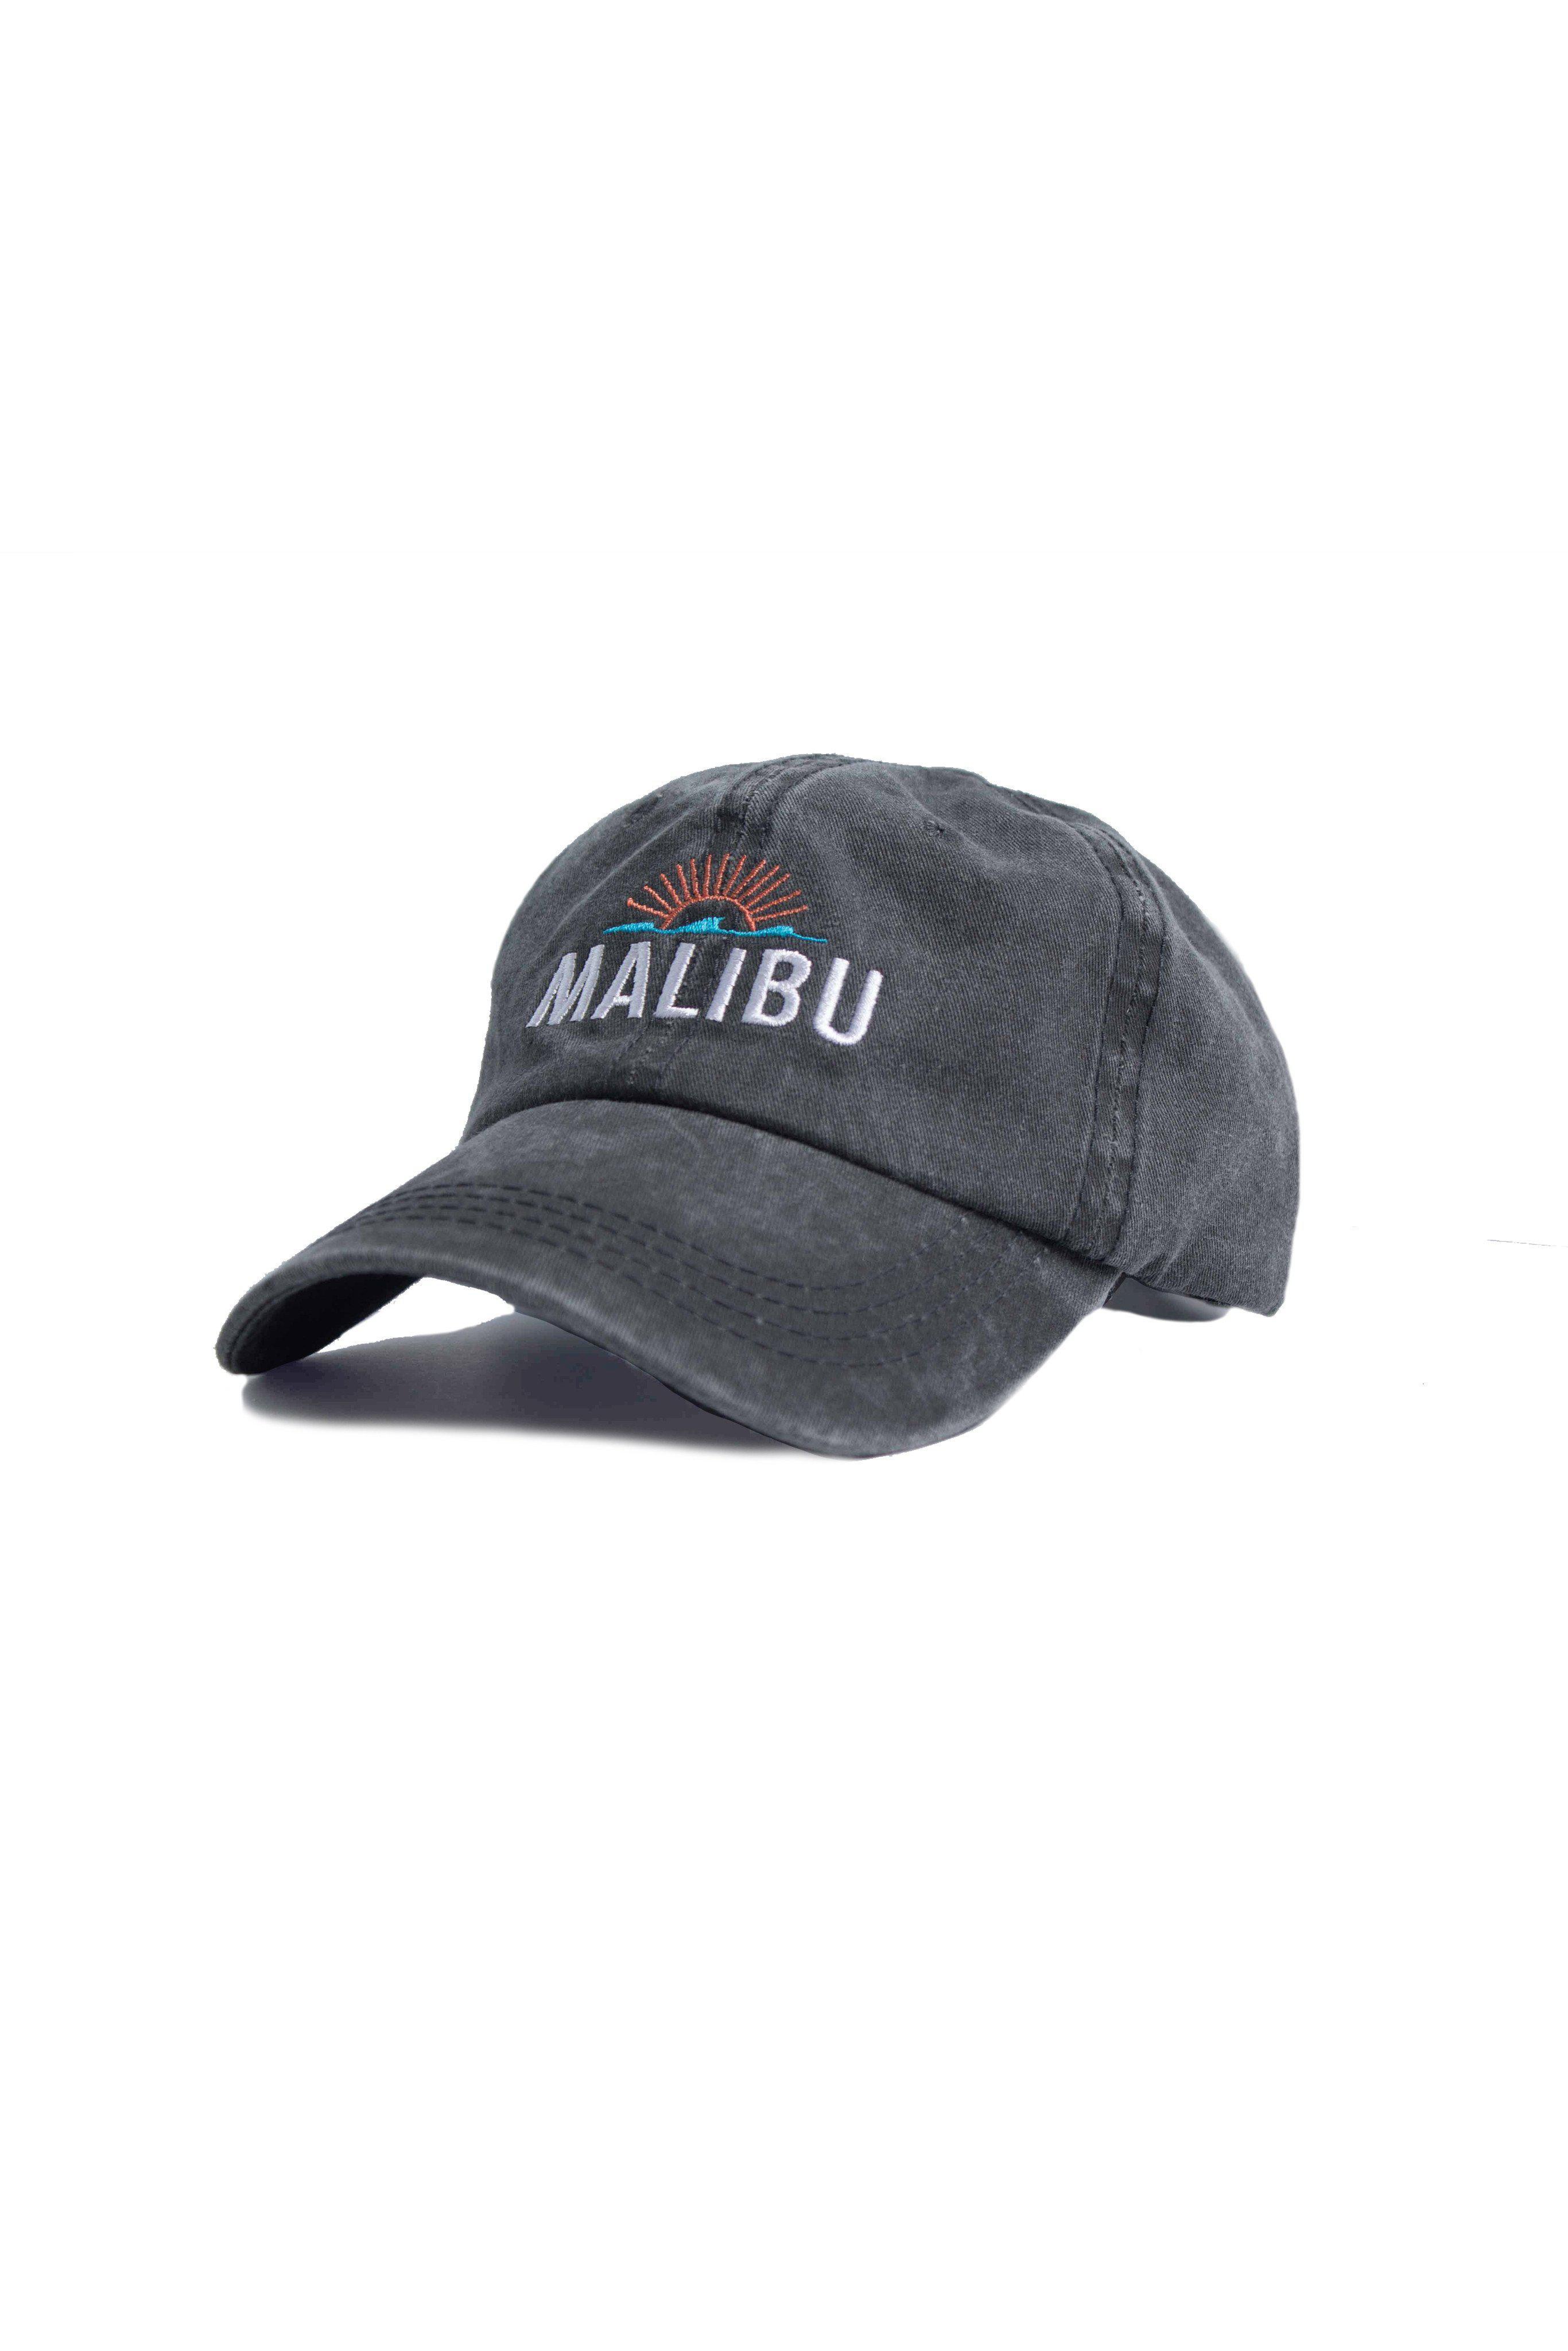 Lyst - Faherty Brand Malibu in Black for Men 7bd6ec191360